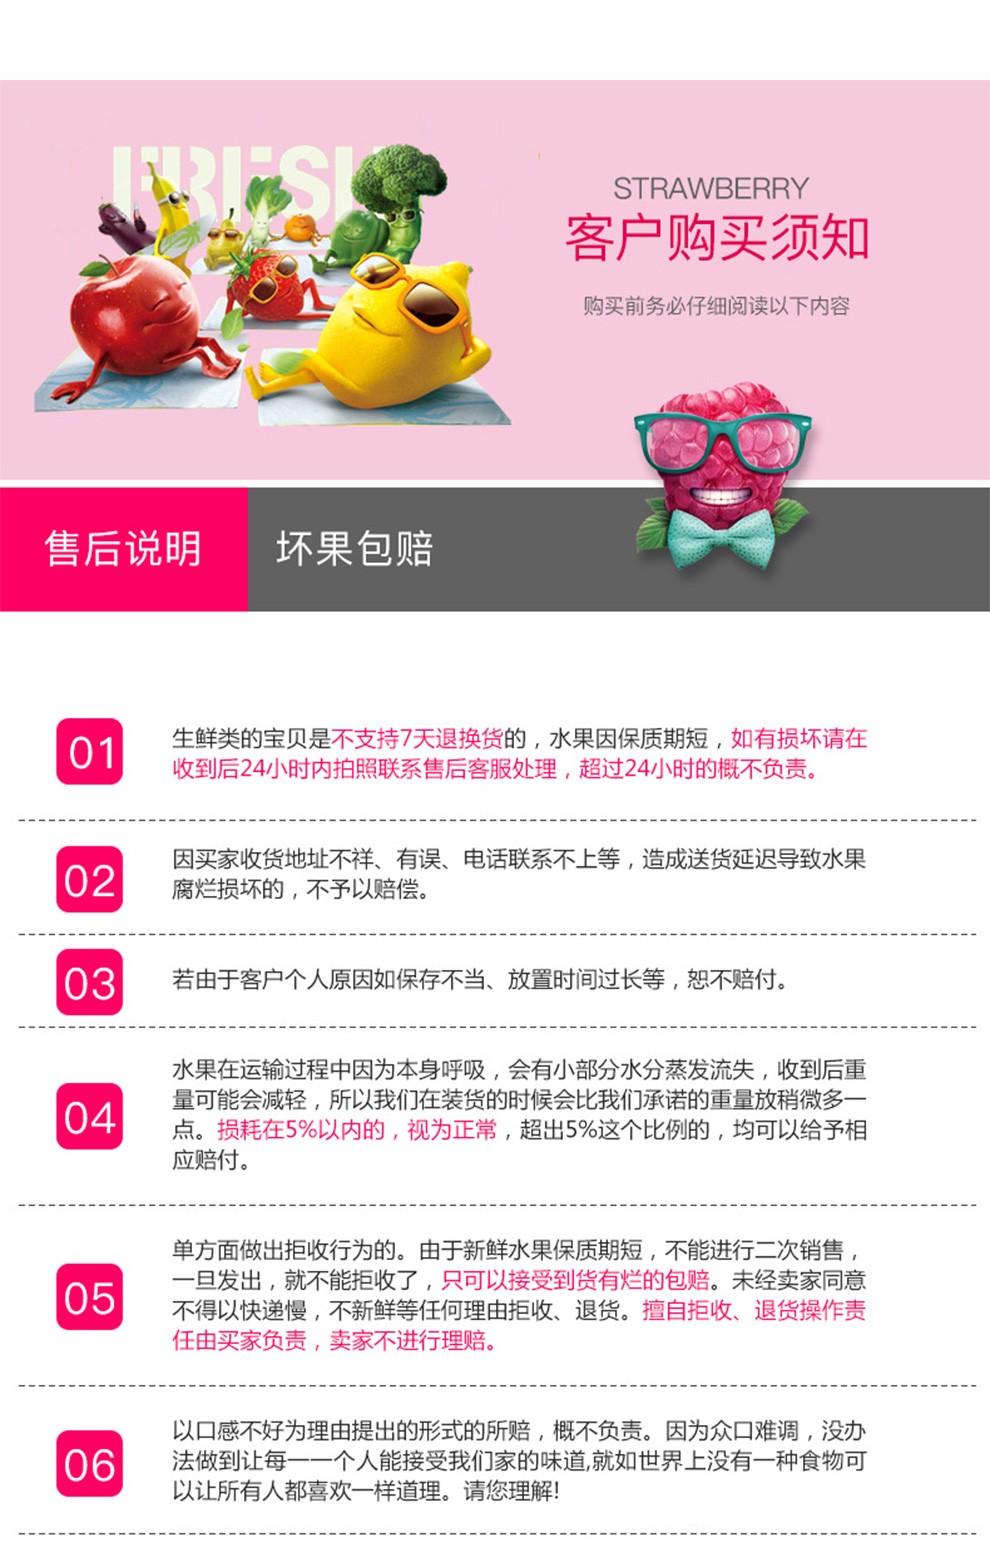 禾语鲜 甜瓜 香瓜 新鲜水果当季现摘 陕西阎良甜瓜约5斤装